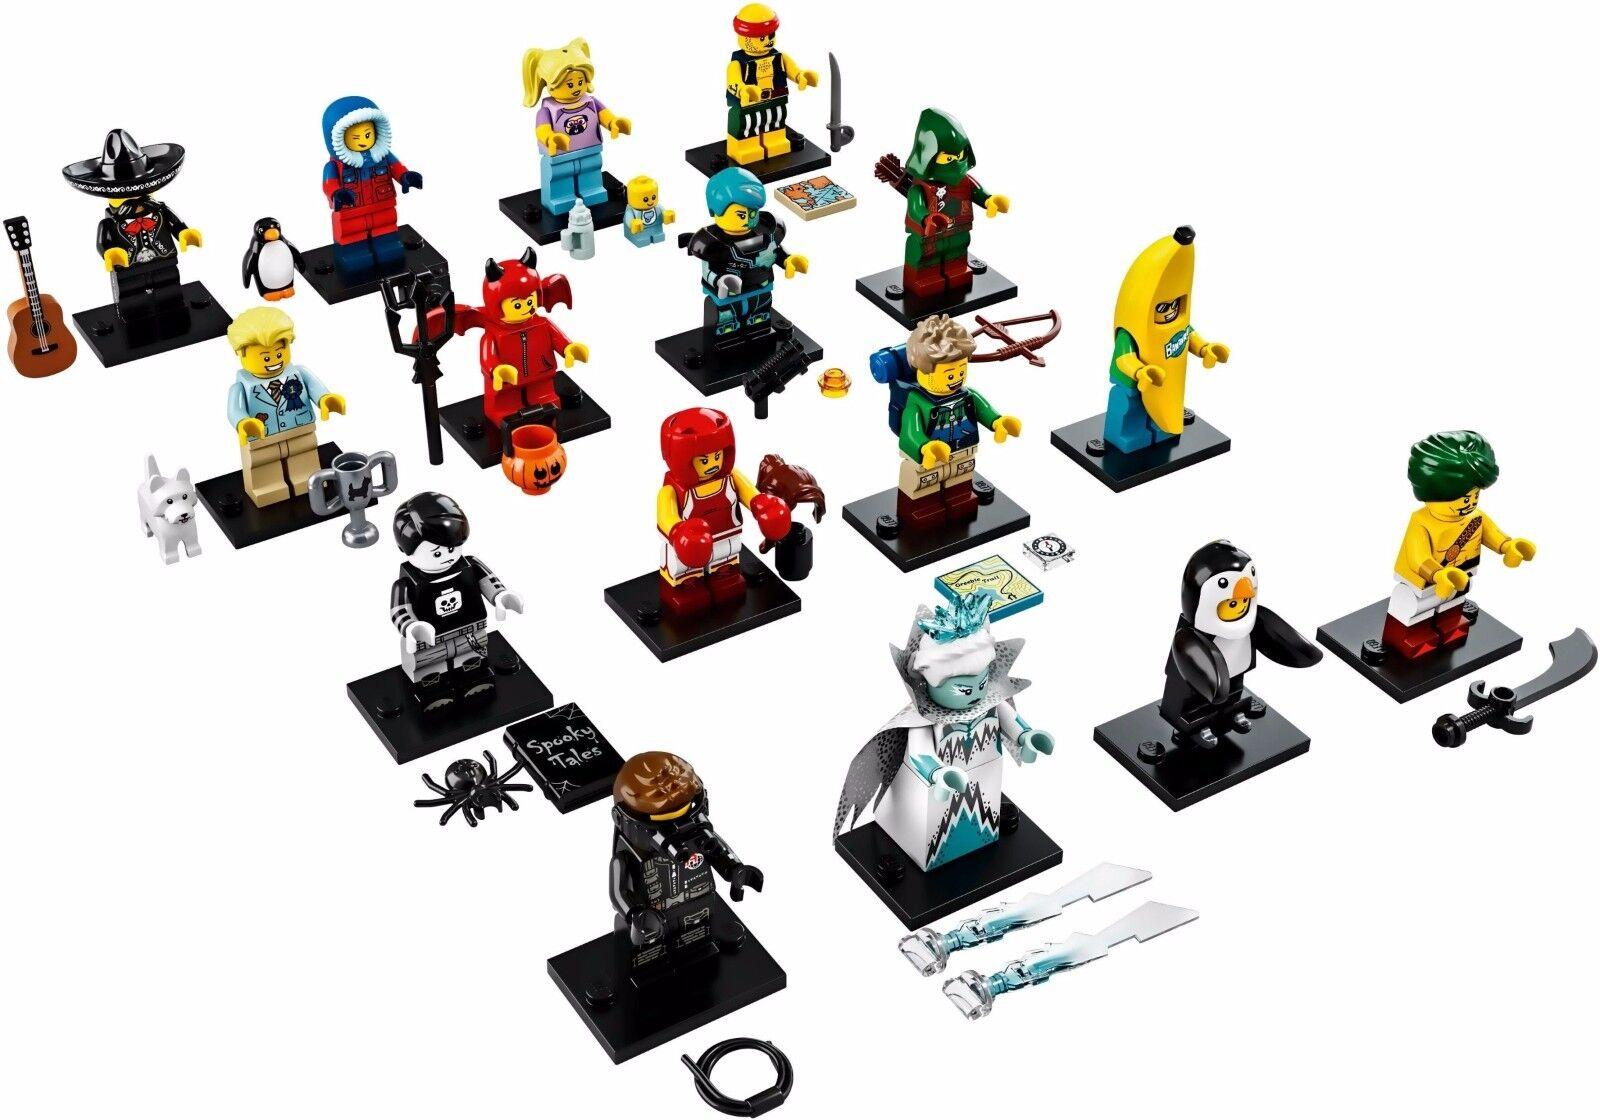 Lego 71013 Mini-figures série 16 Jeu complet de  16 (NEUF   )  vente en ligne économiser 70%